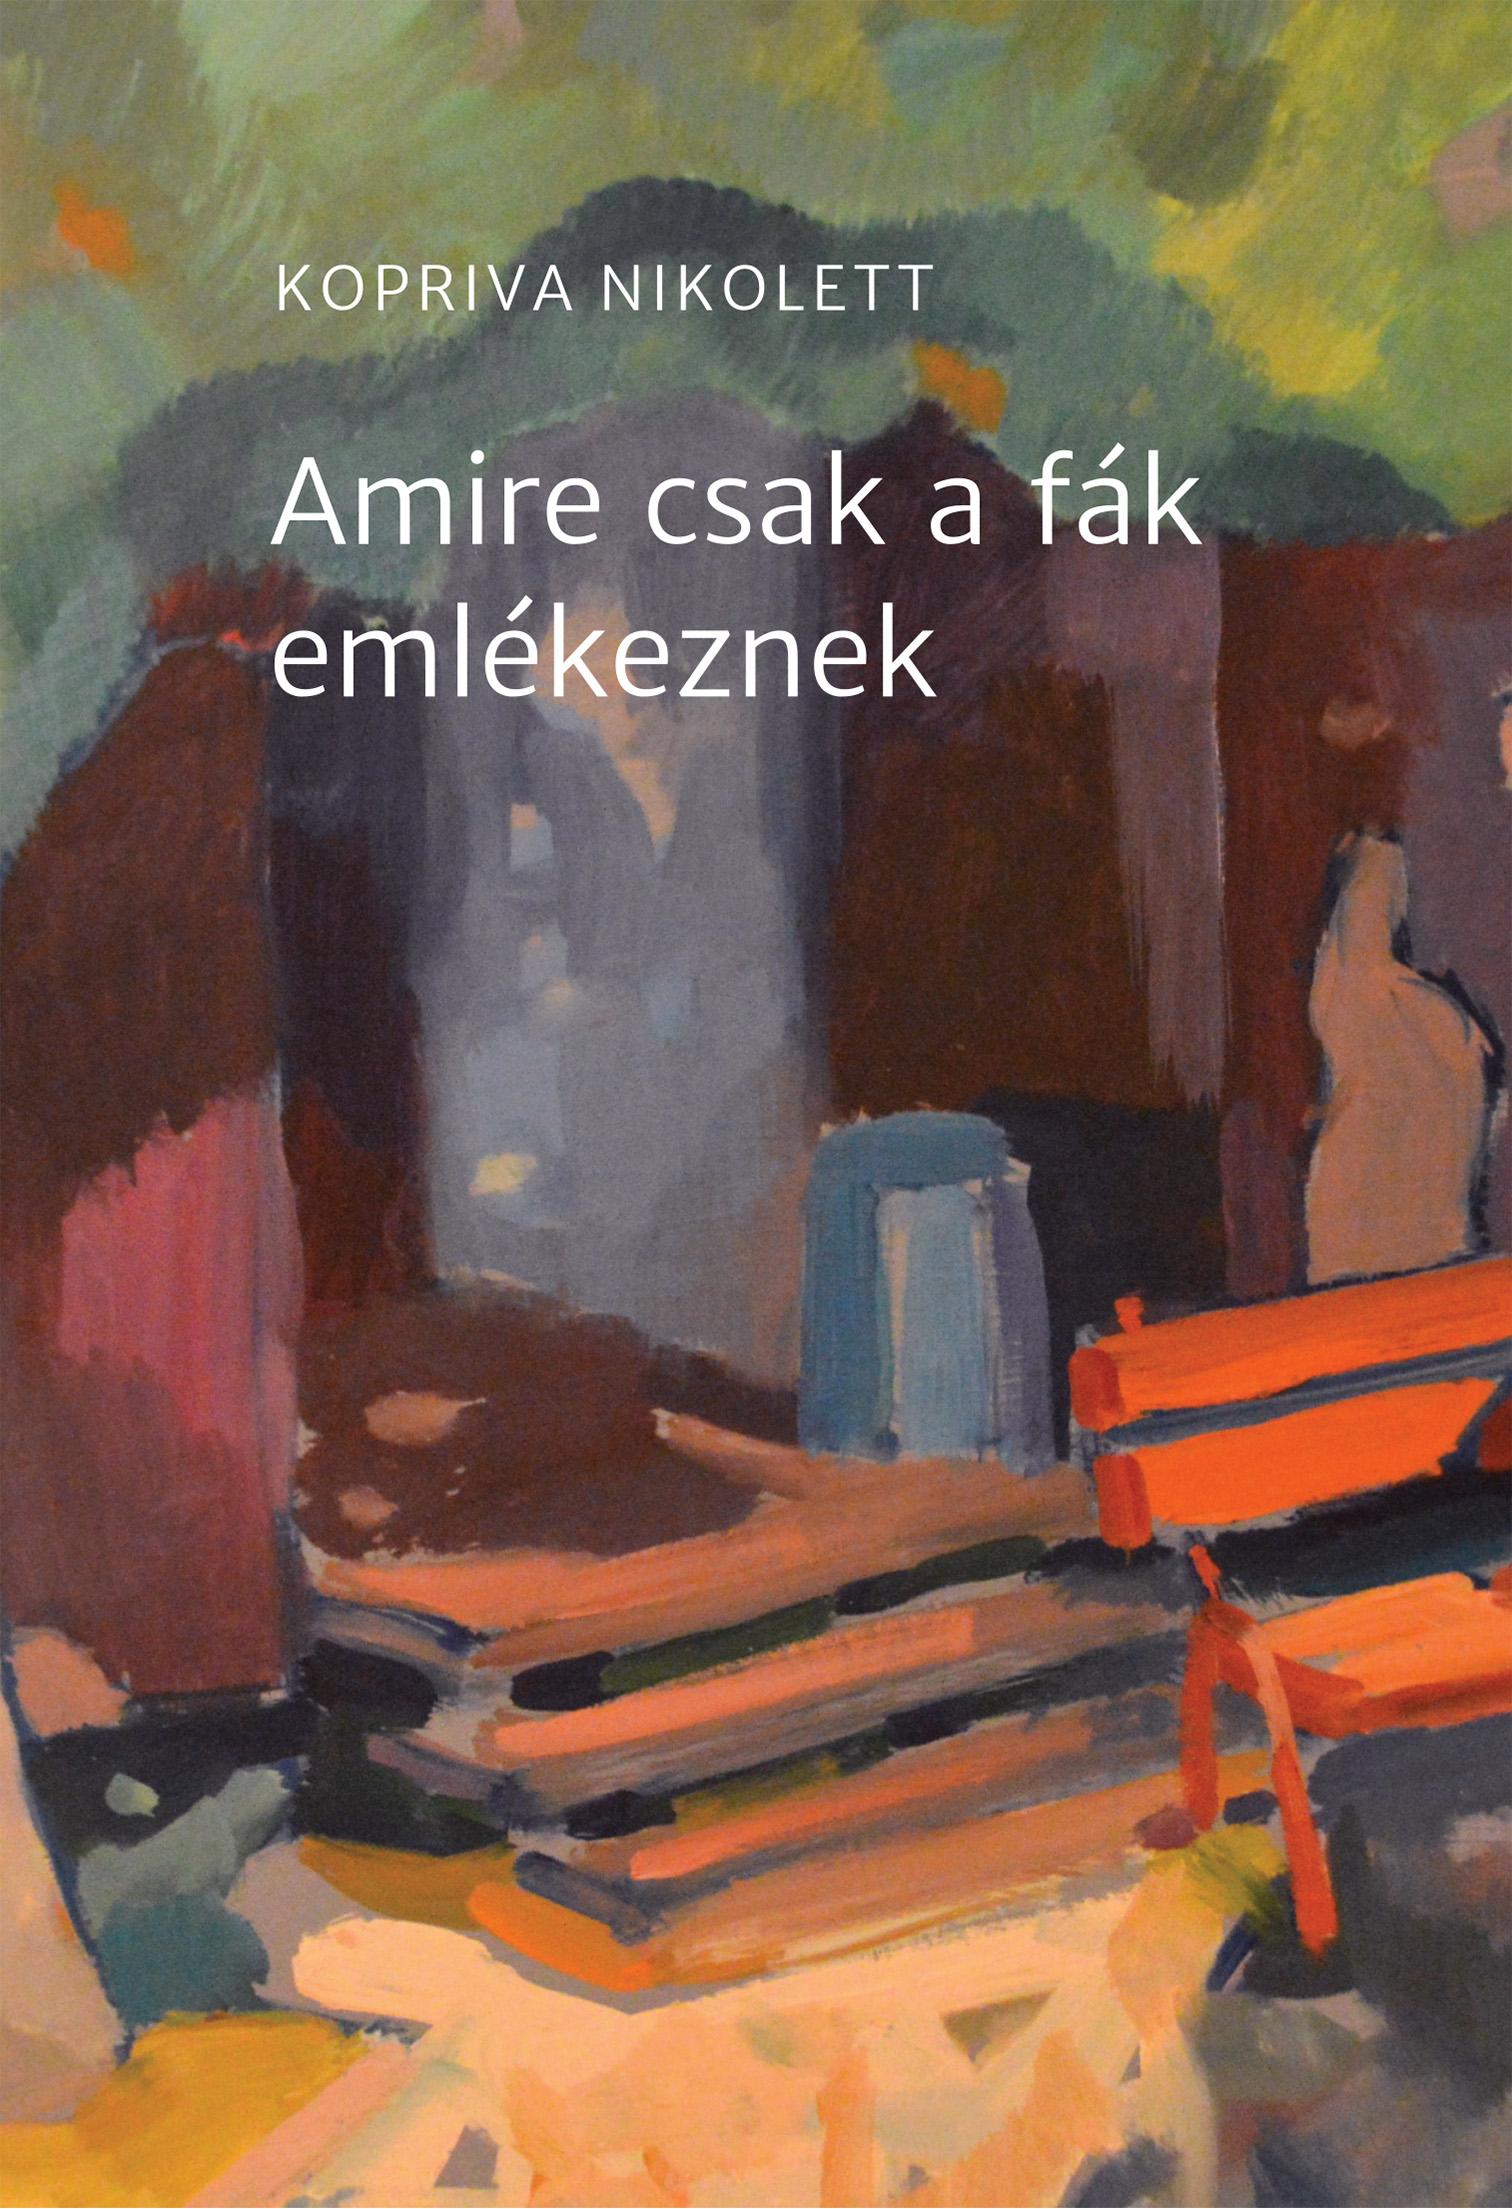 Kopriva Nikolett - Amire csak a fák emlékeznek